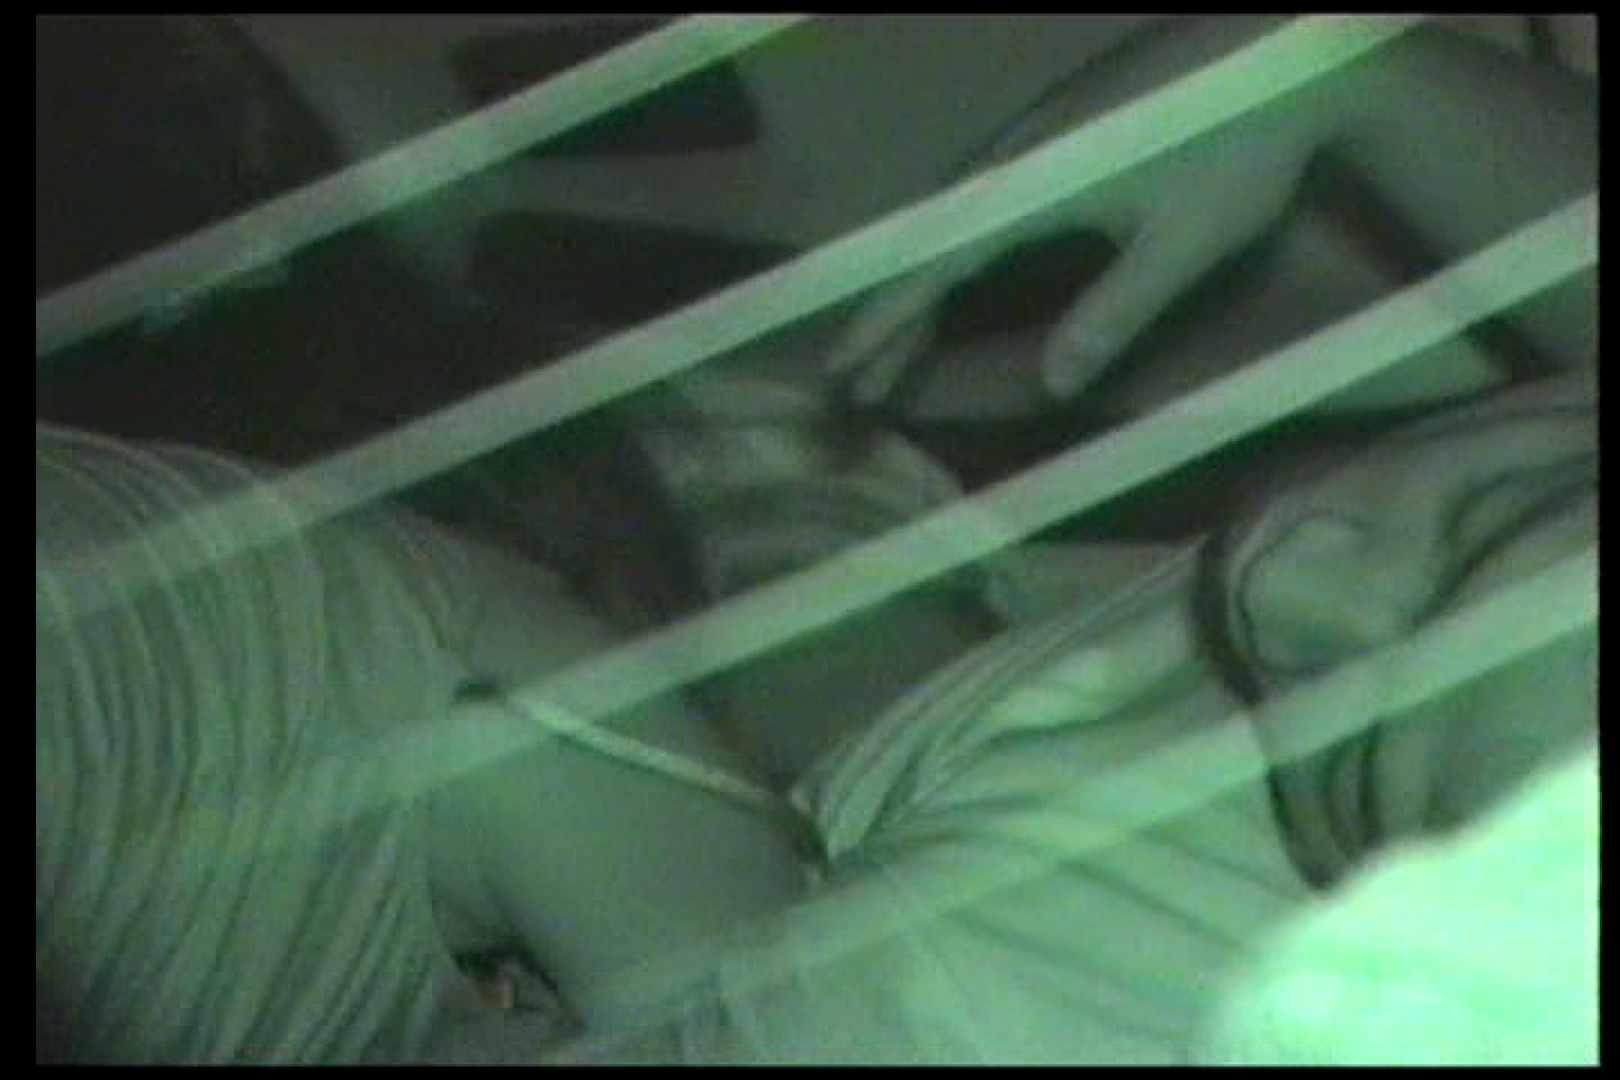 カーセックス未編集・無修正版 Vol.6後編 感じるセックス スケベ動画紹介 76連発 45